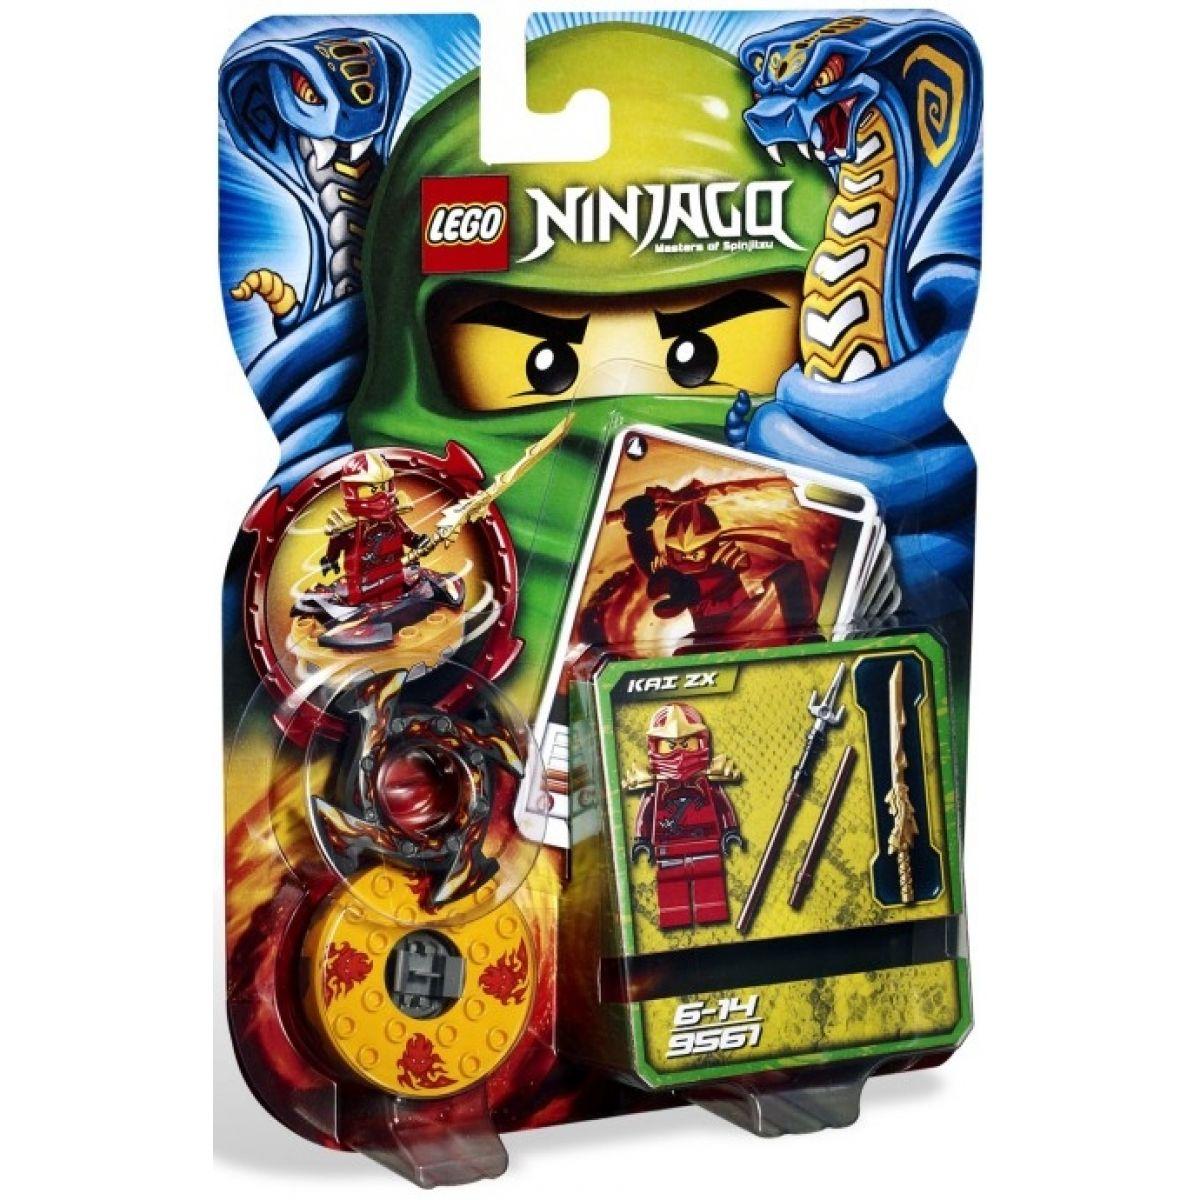 LEGO 9561 Ninjago Kai ZX